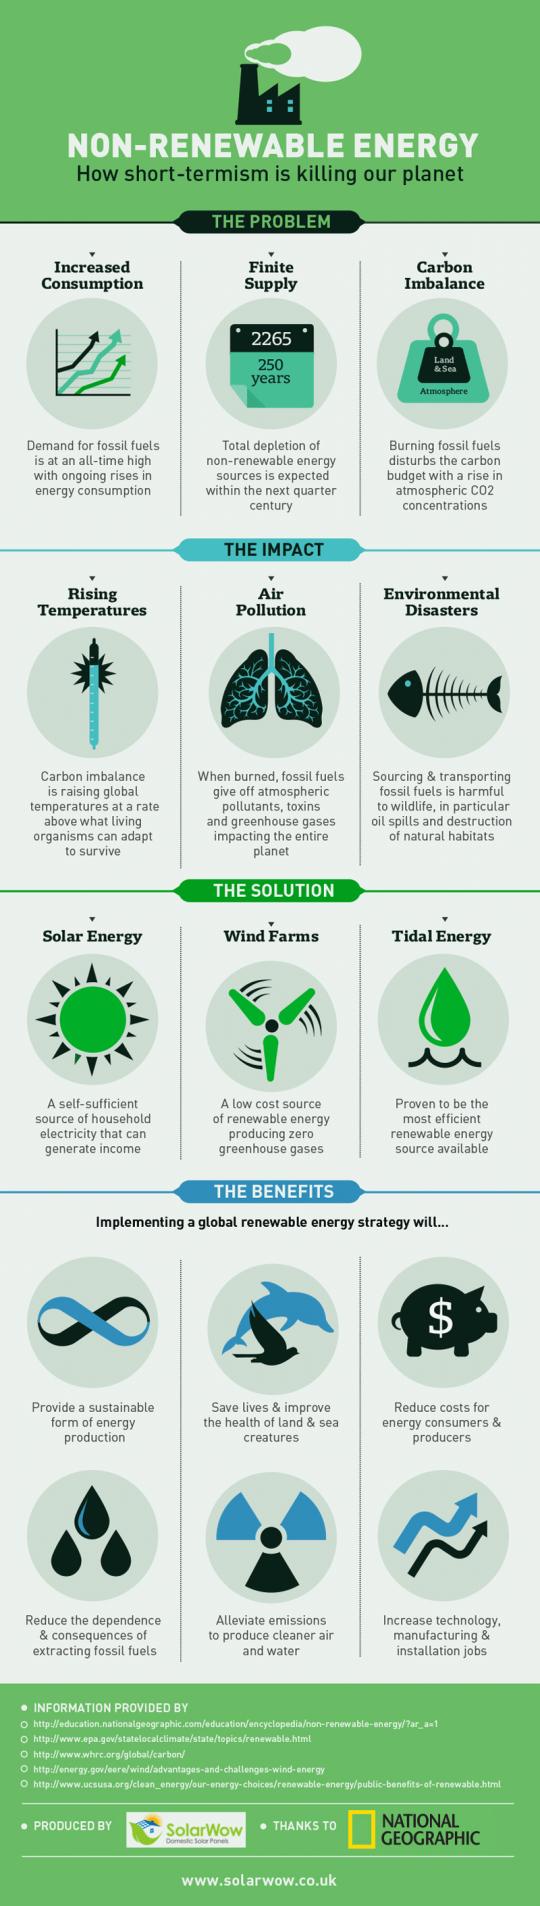 Non-Renewable Energy How Short-termism is Killing our Planet